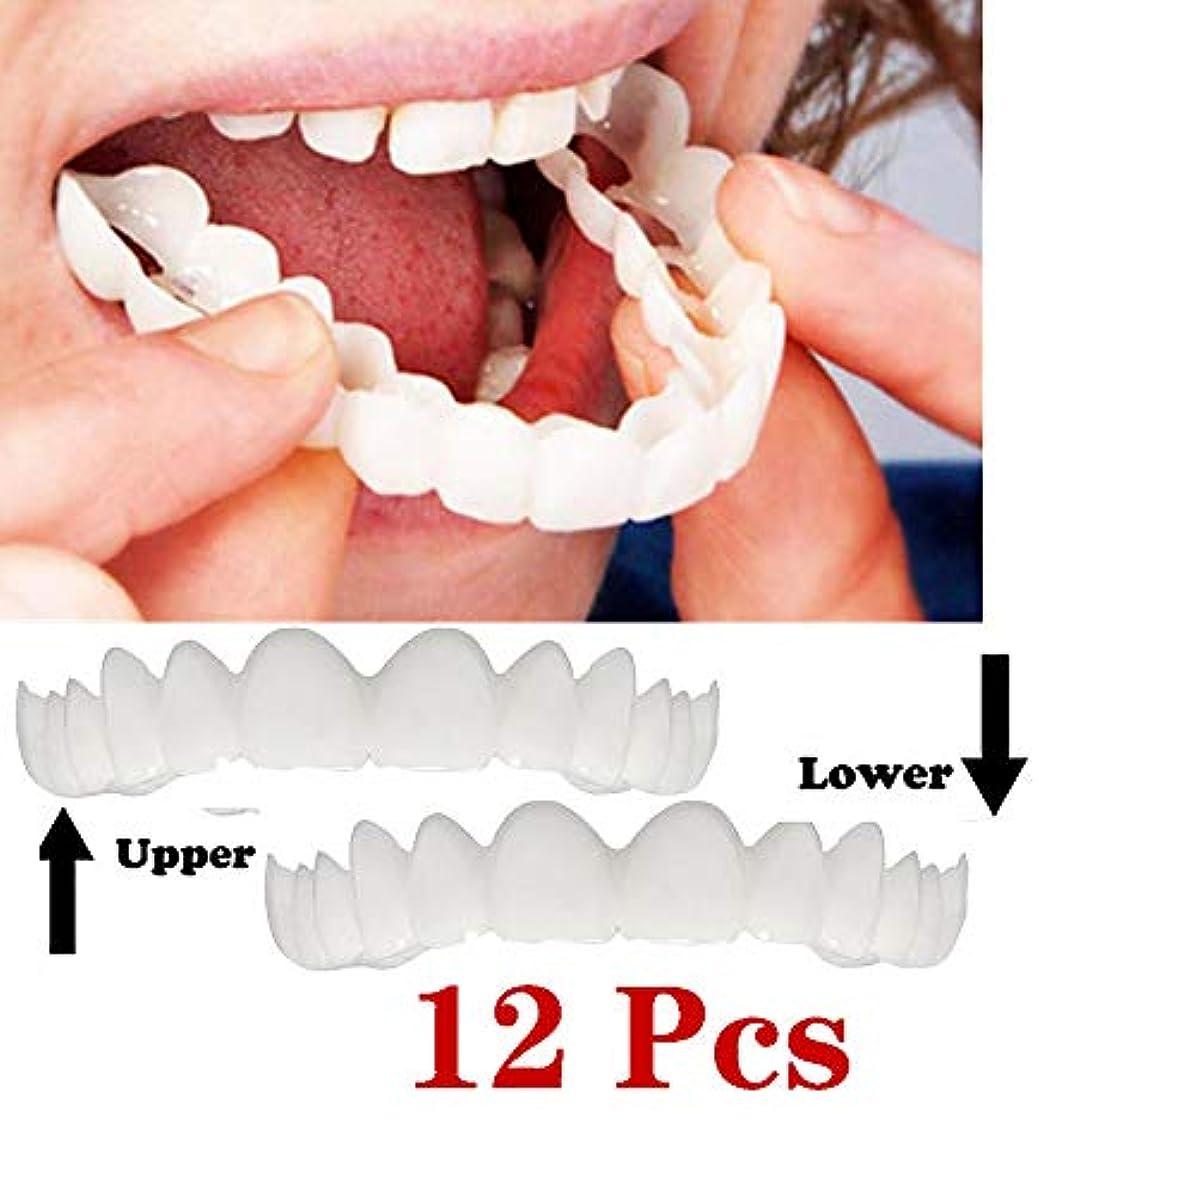 嘆く反映する出撃者インスタント快適なフレックスパーフェクトベニヤワンサイズフィットの歯のスナップキャップを白くする12個の上下の歯の化粧品のベニヤ、最も快適な義歯のケア